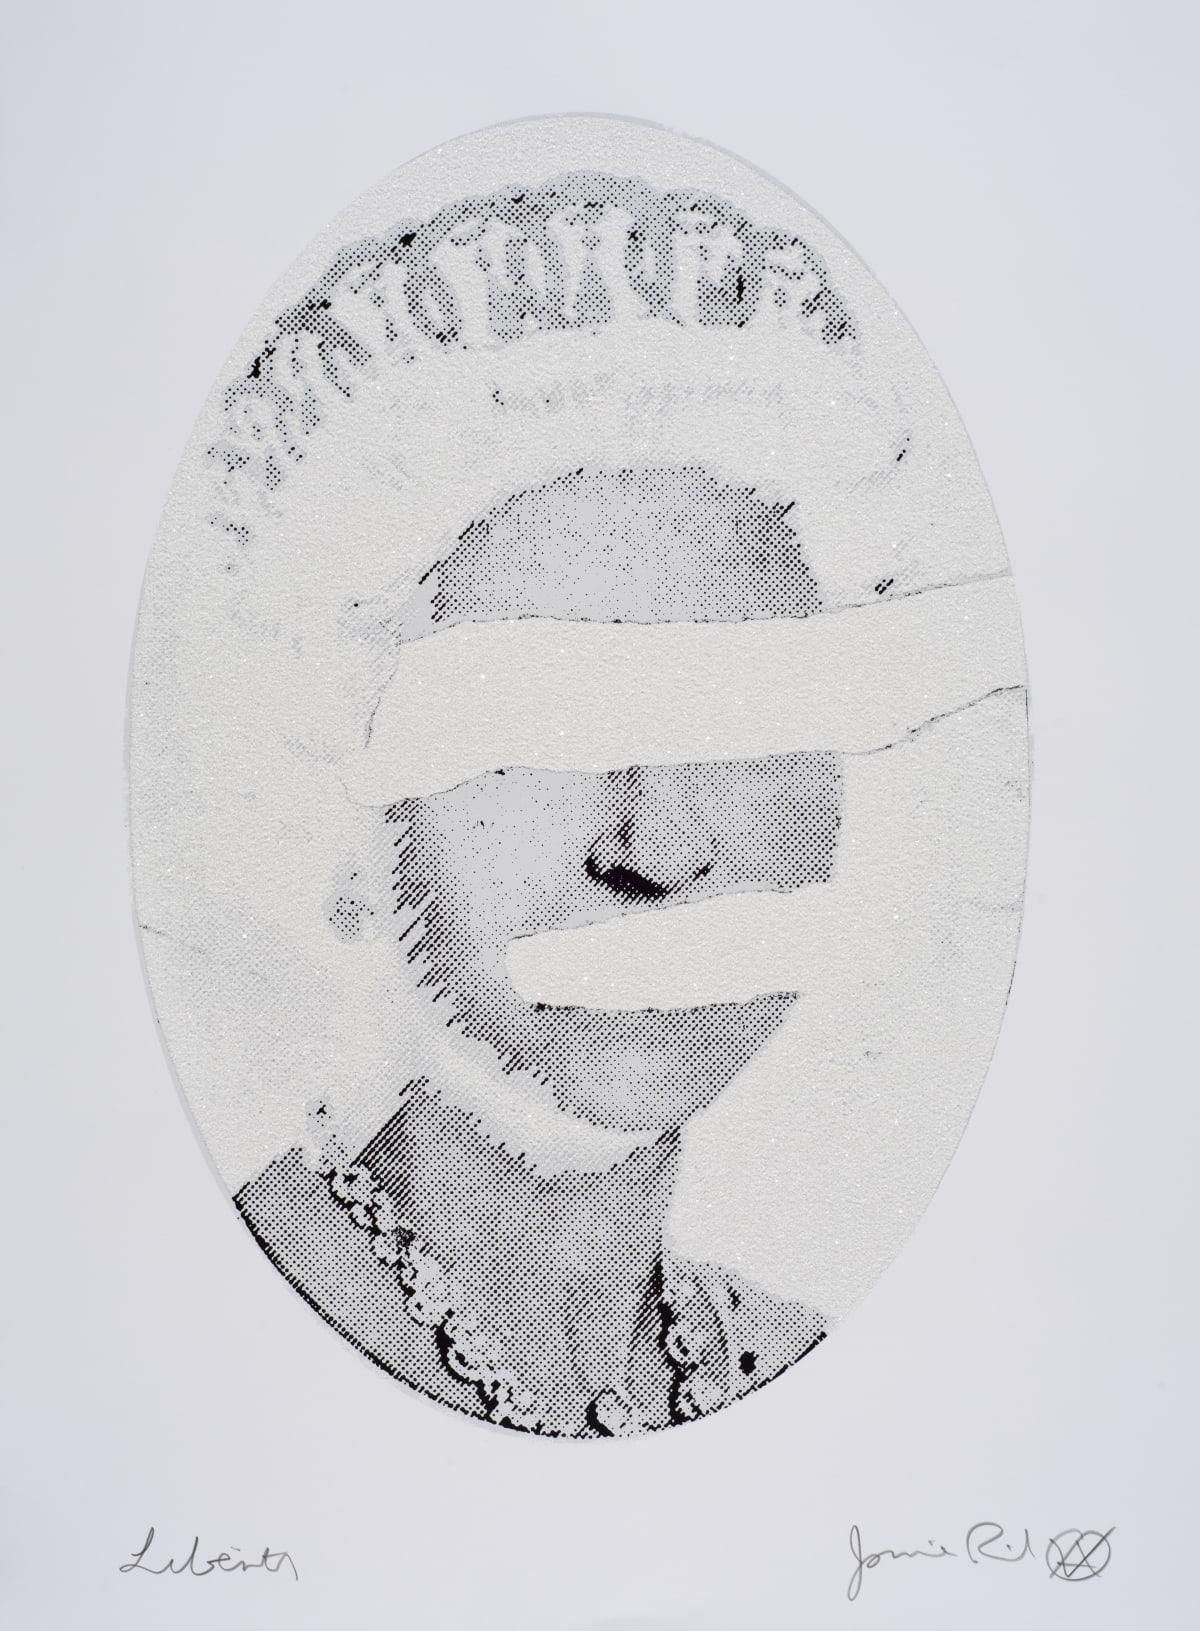 Jamie Reid Liberty White Diamond Dust On White High Res